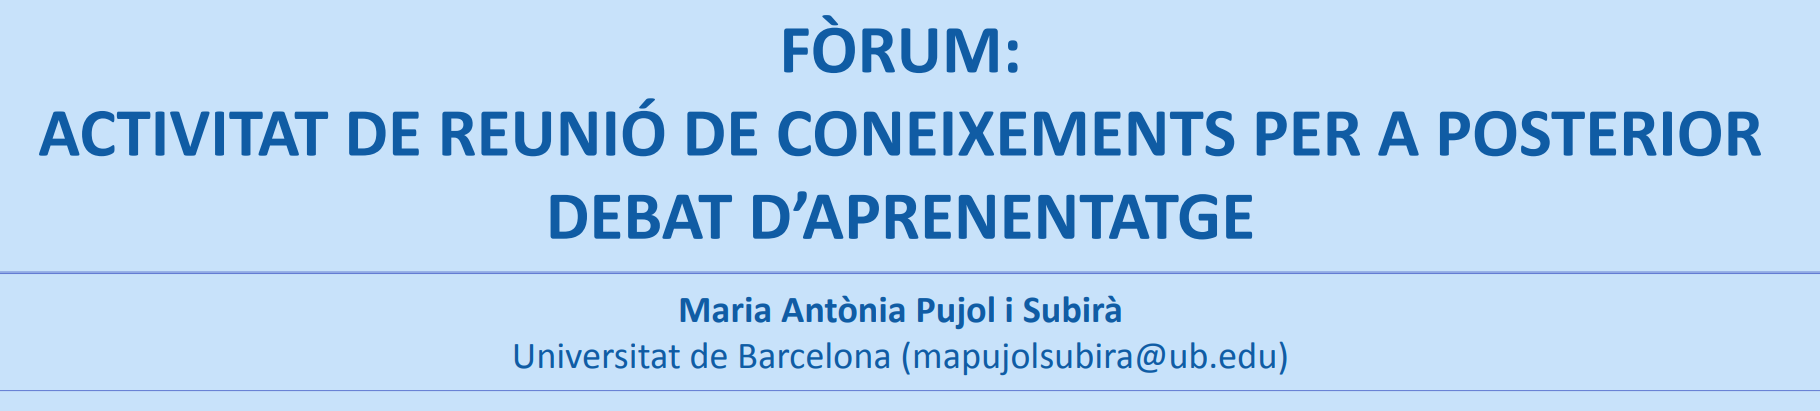 Fòrum: activitat de reunió de coneixements per a posterior debat d'aprenentatge